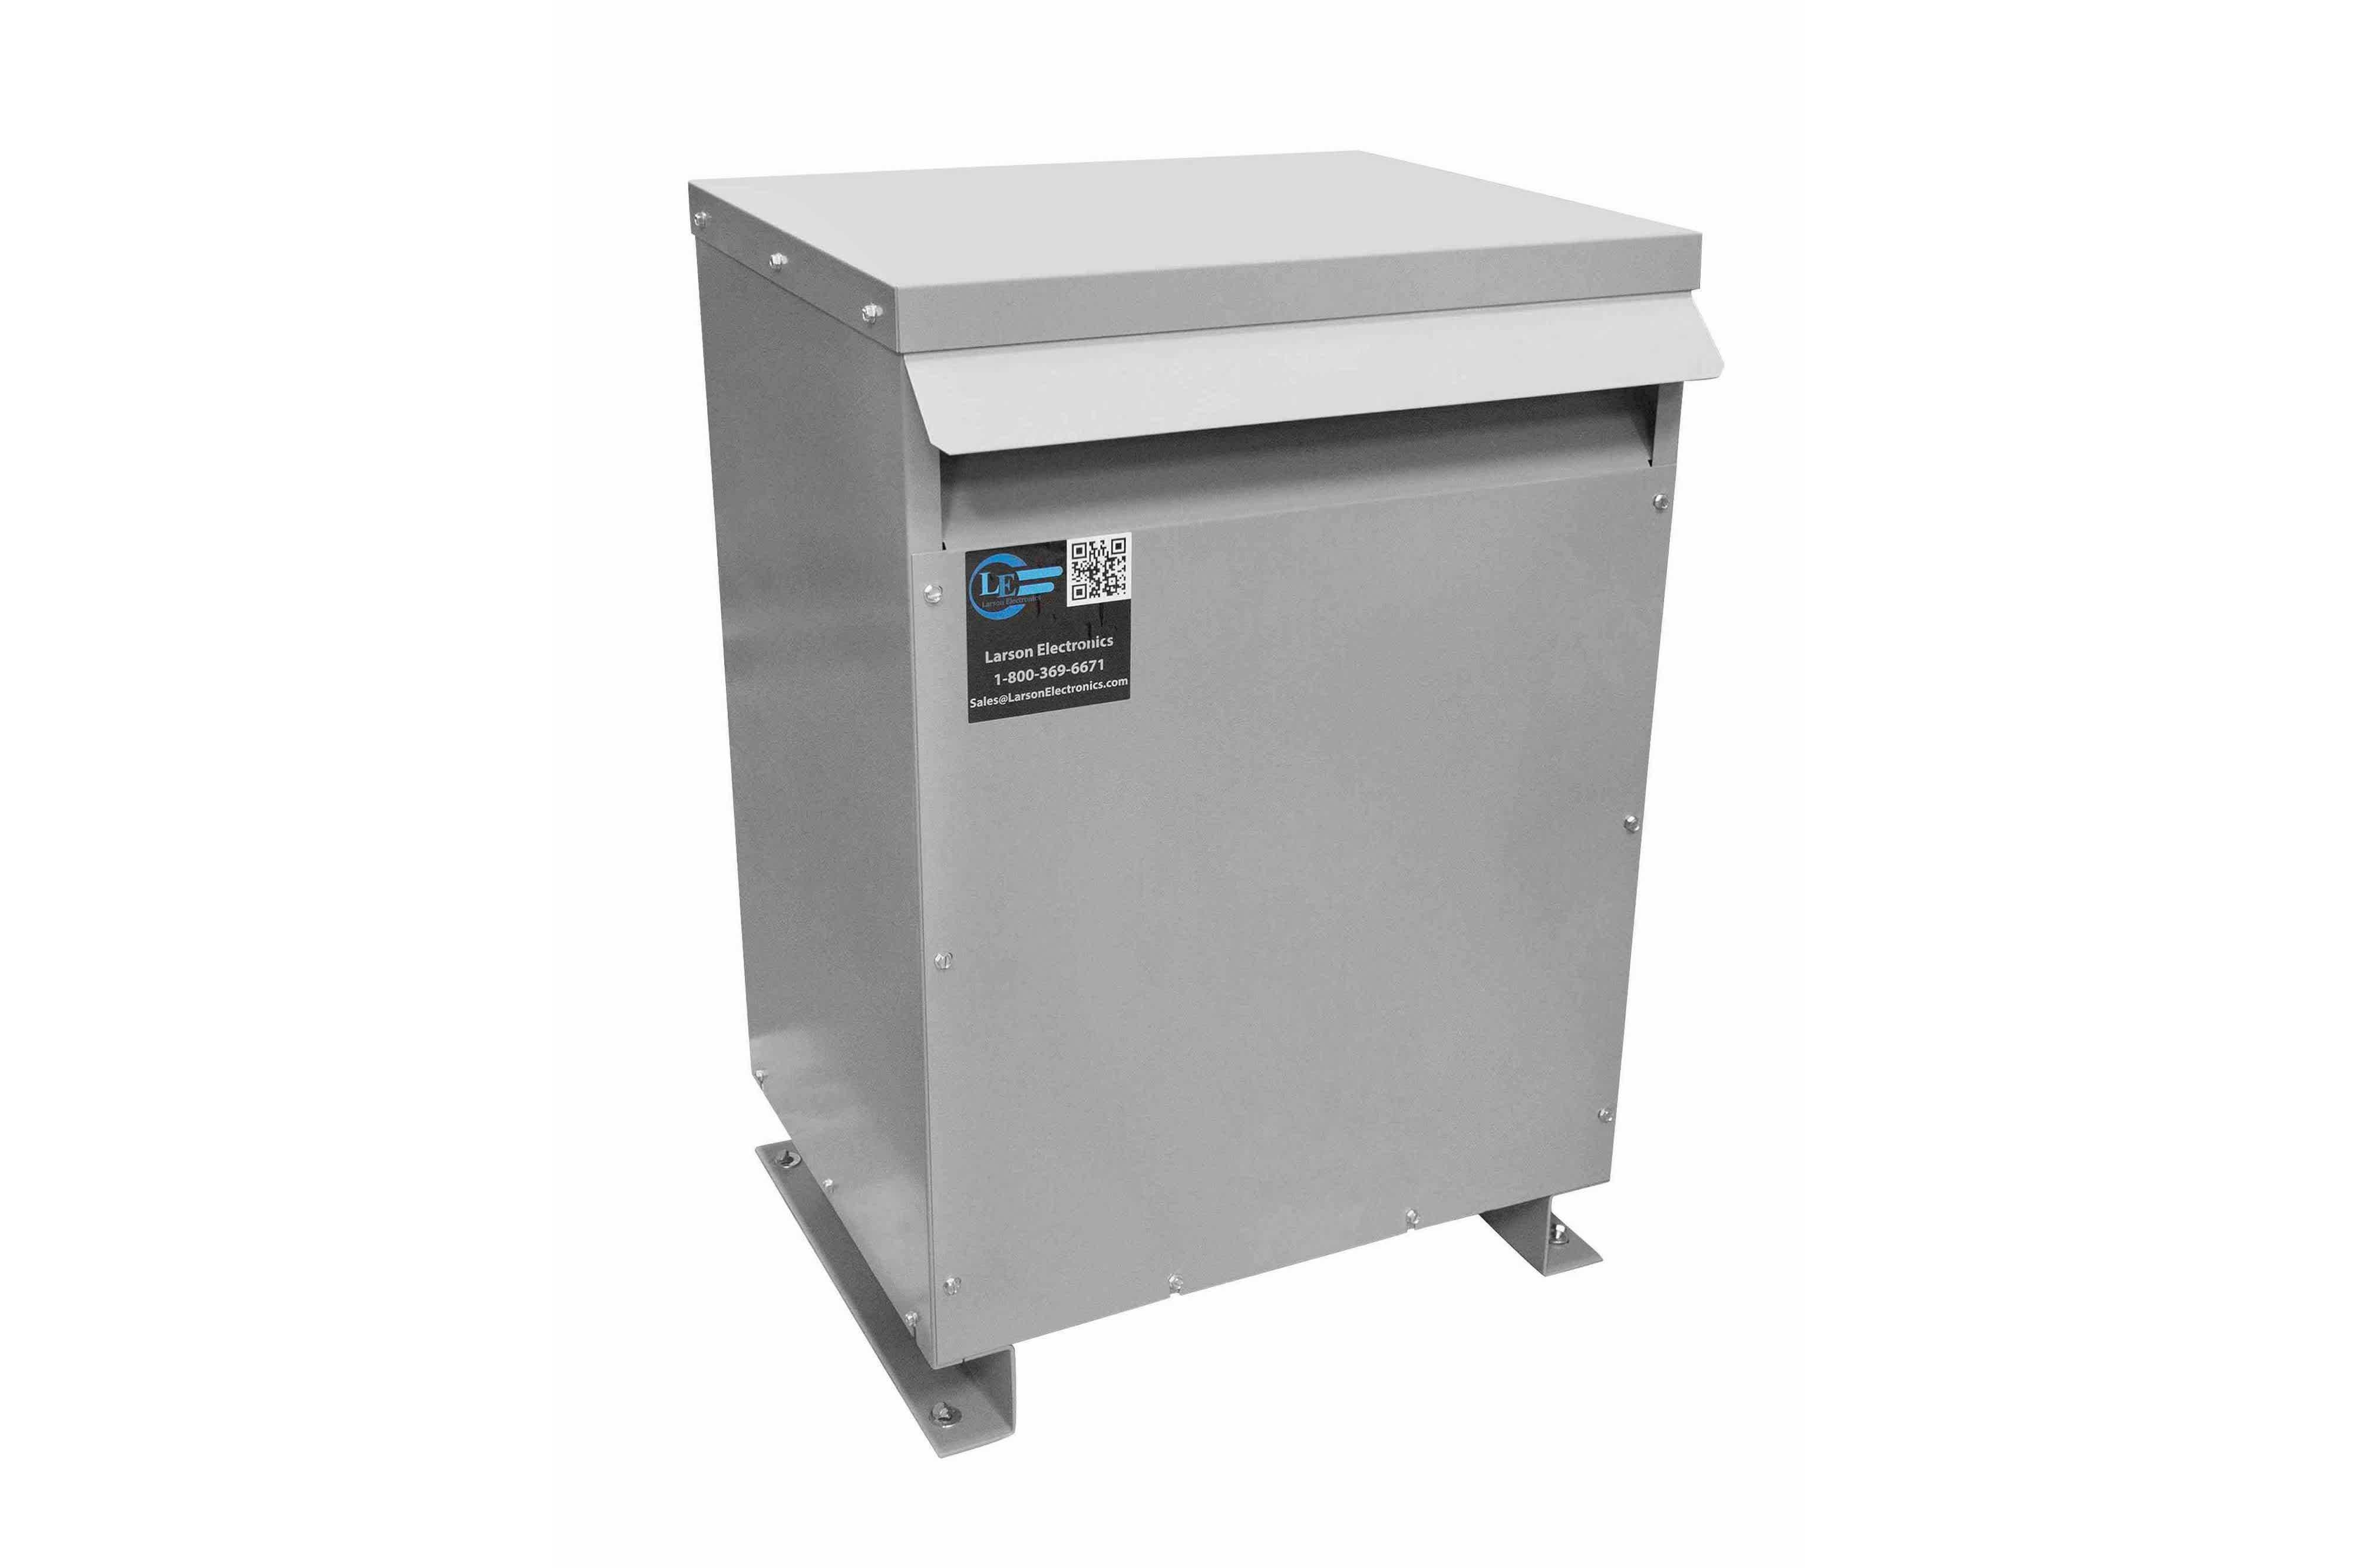 30 kVA 3PH Isolation Transformer, 575V Delta Primary, 415V Delta Secondary, N3R, Ventilated, 60 Hz